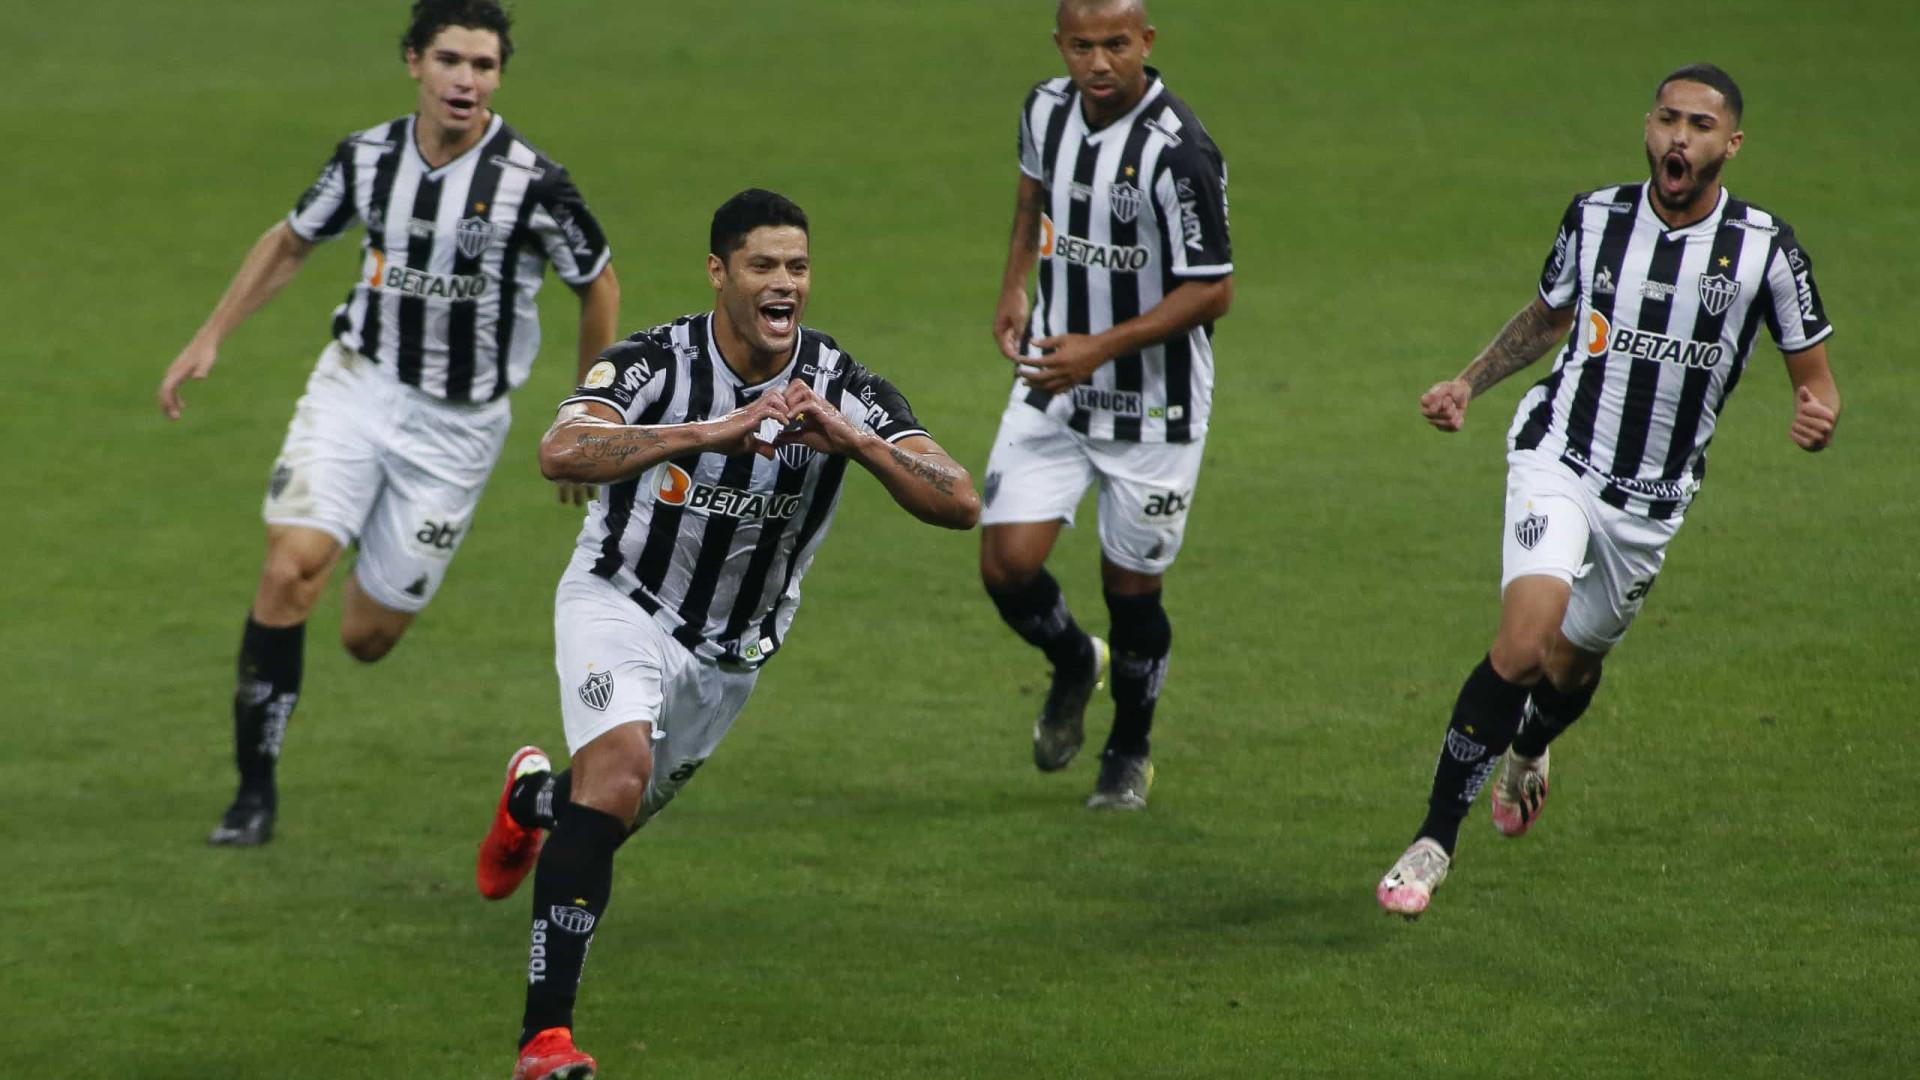 Em vantagem, Atlético recebe Fluminense por vaga na semifinal da Copa do Brasil